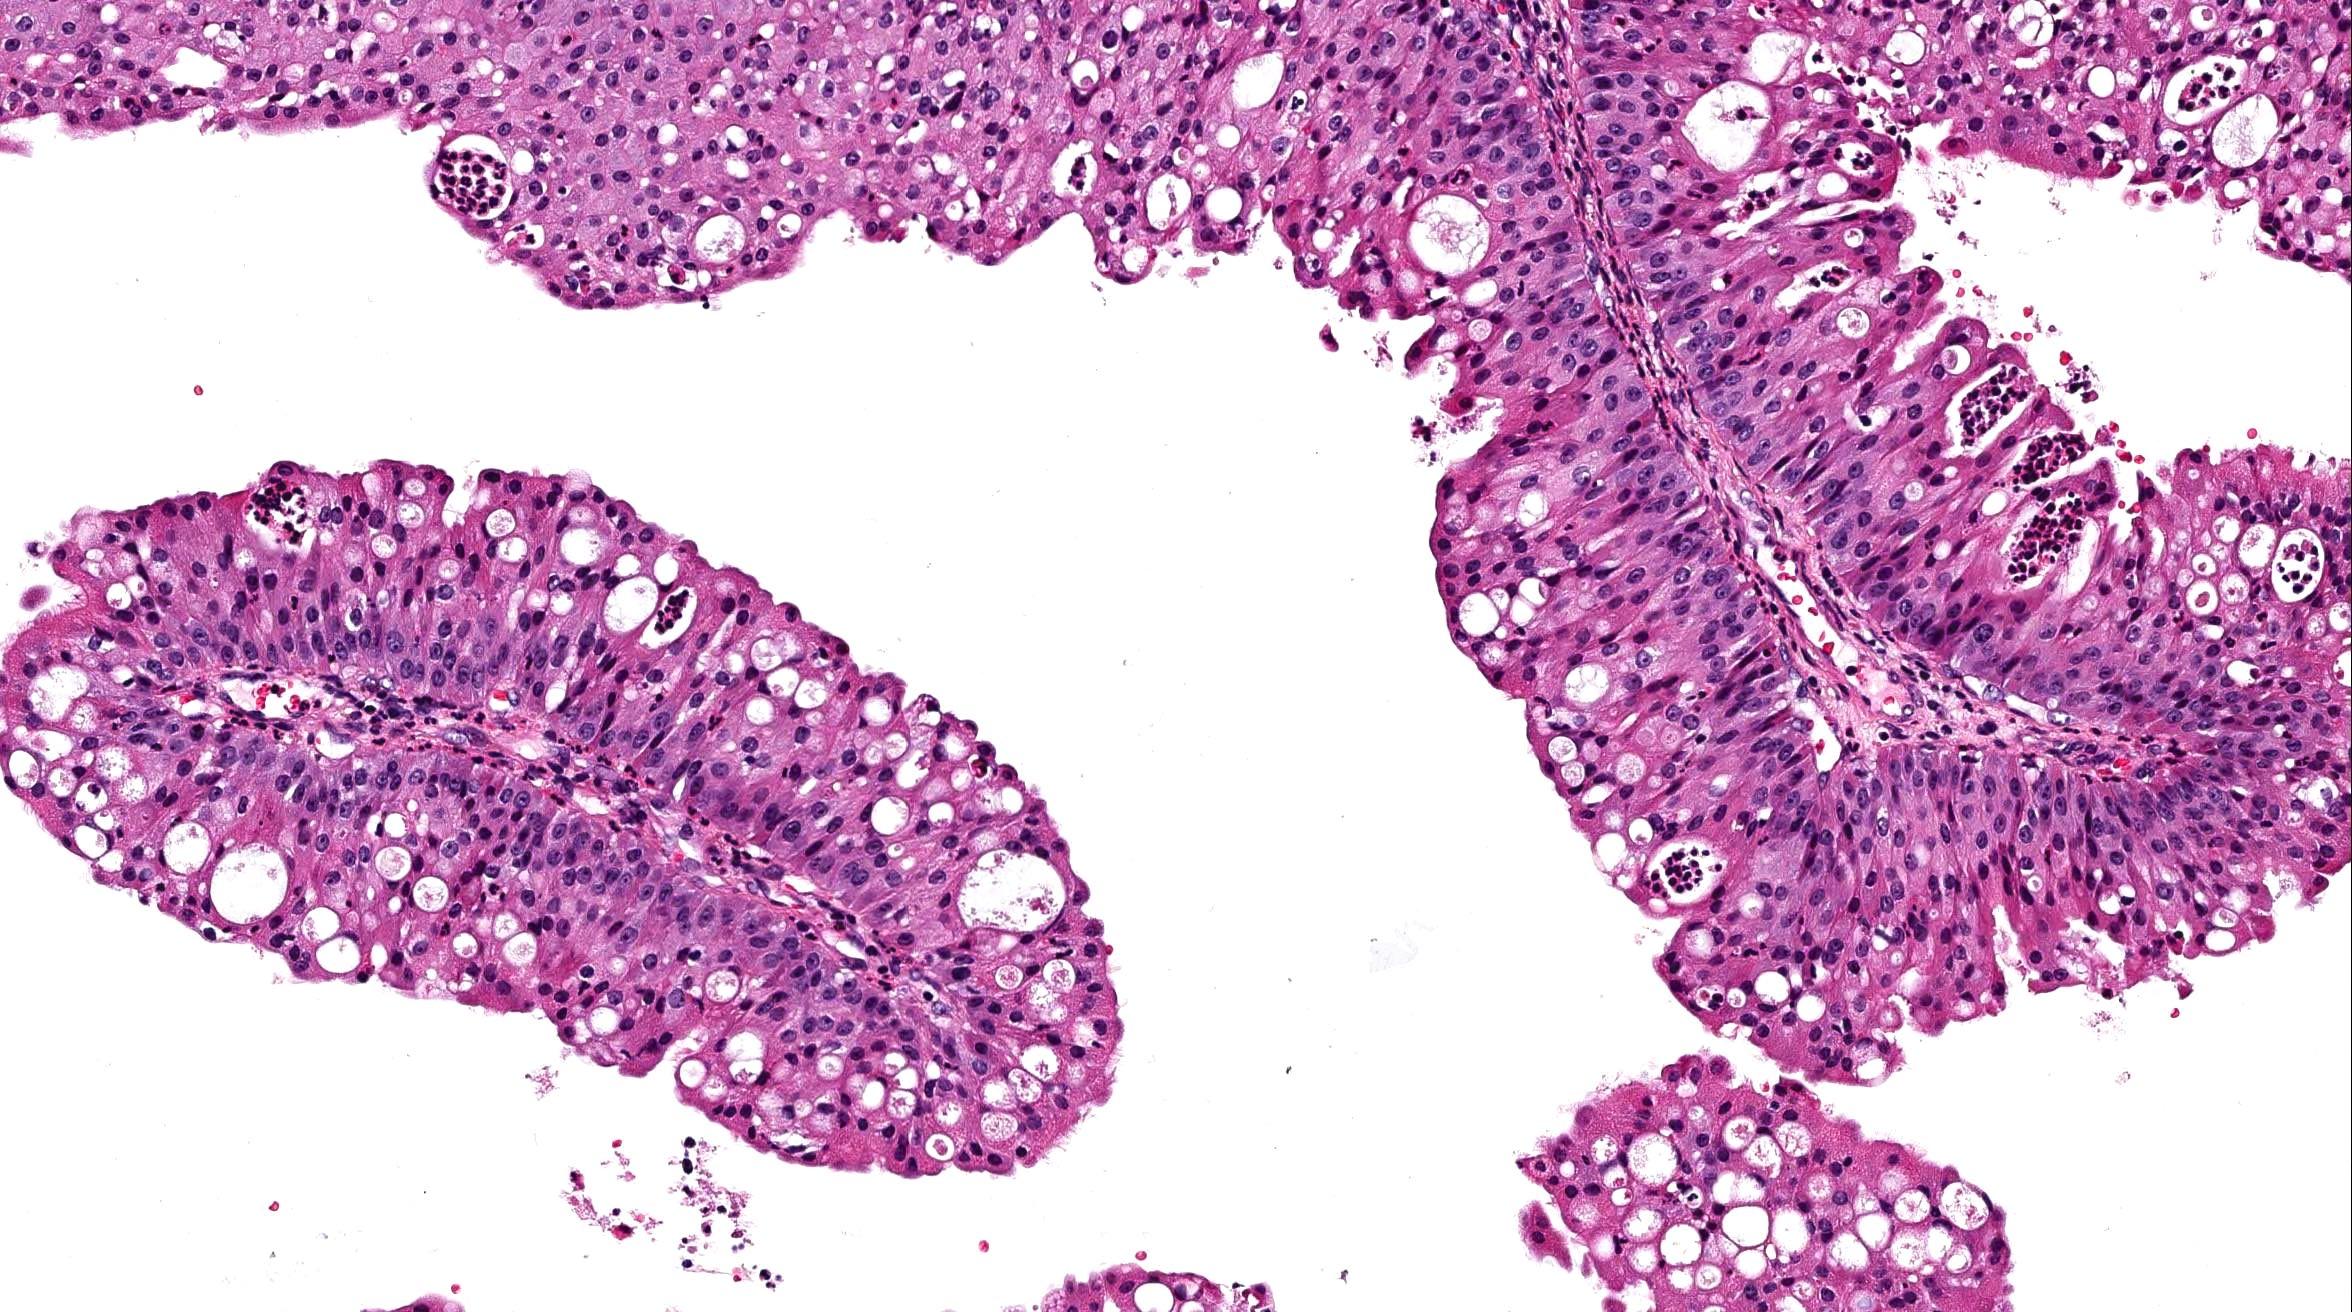 vestibular papilloma and hpv tabara detoxifiere